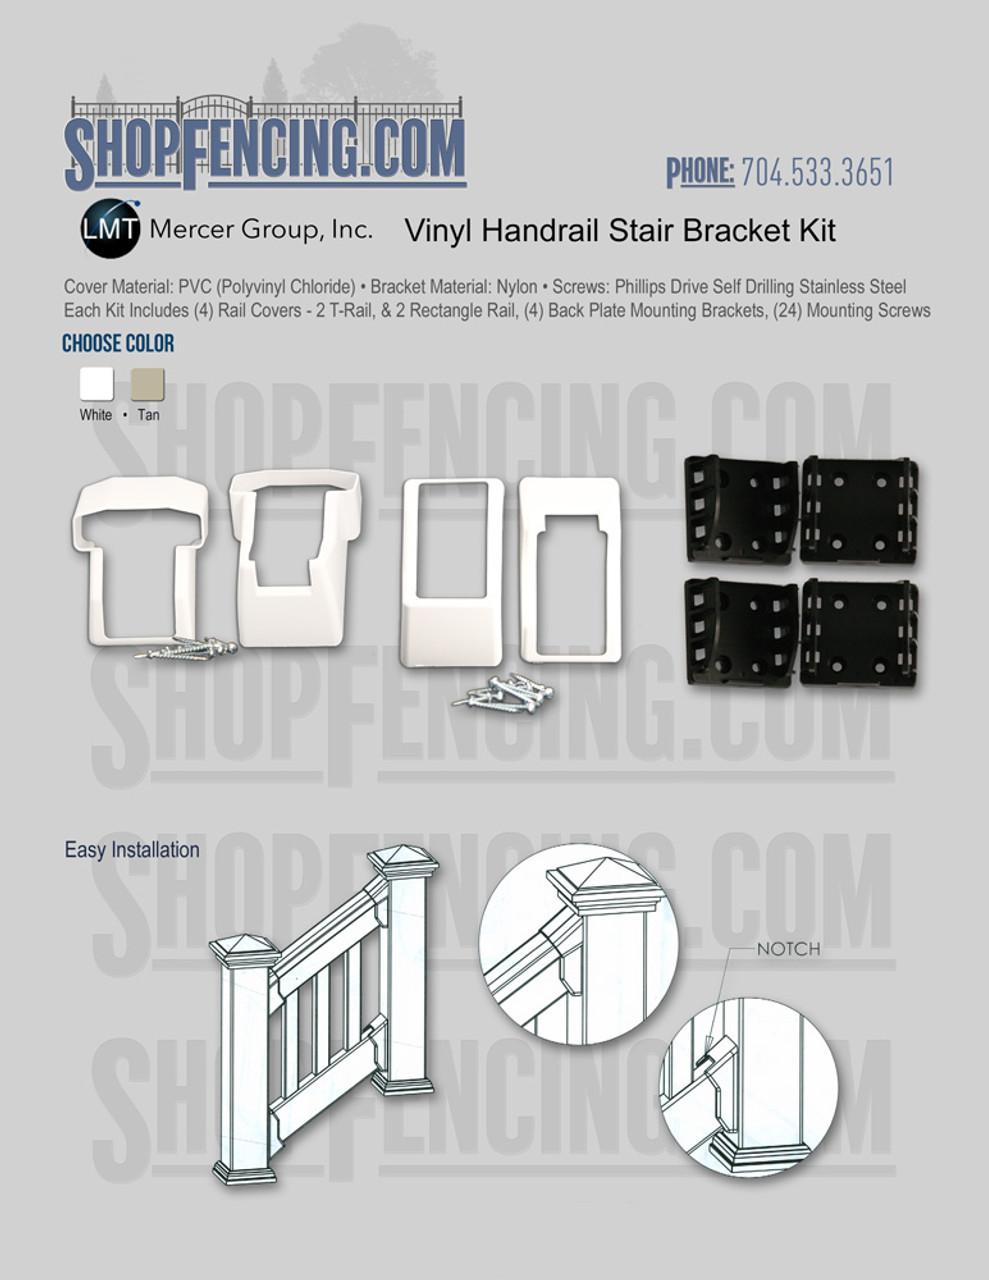 Vinyl Handrail Stair Bracket Kit